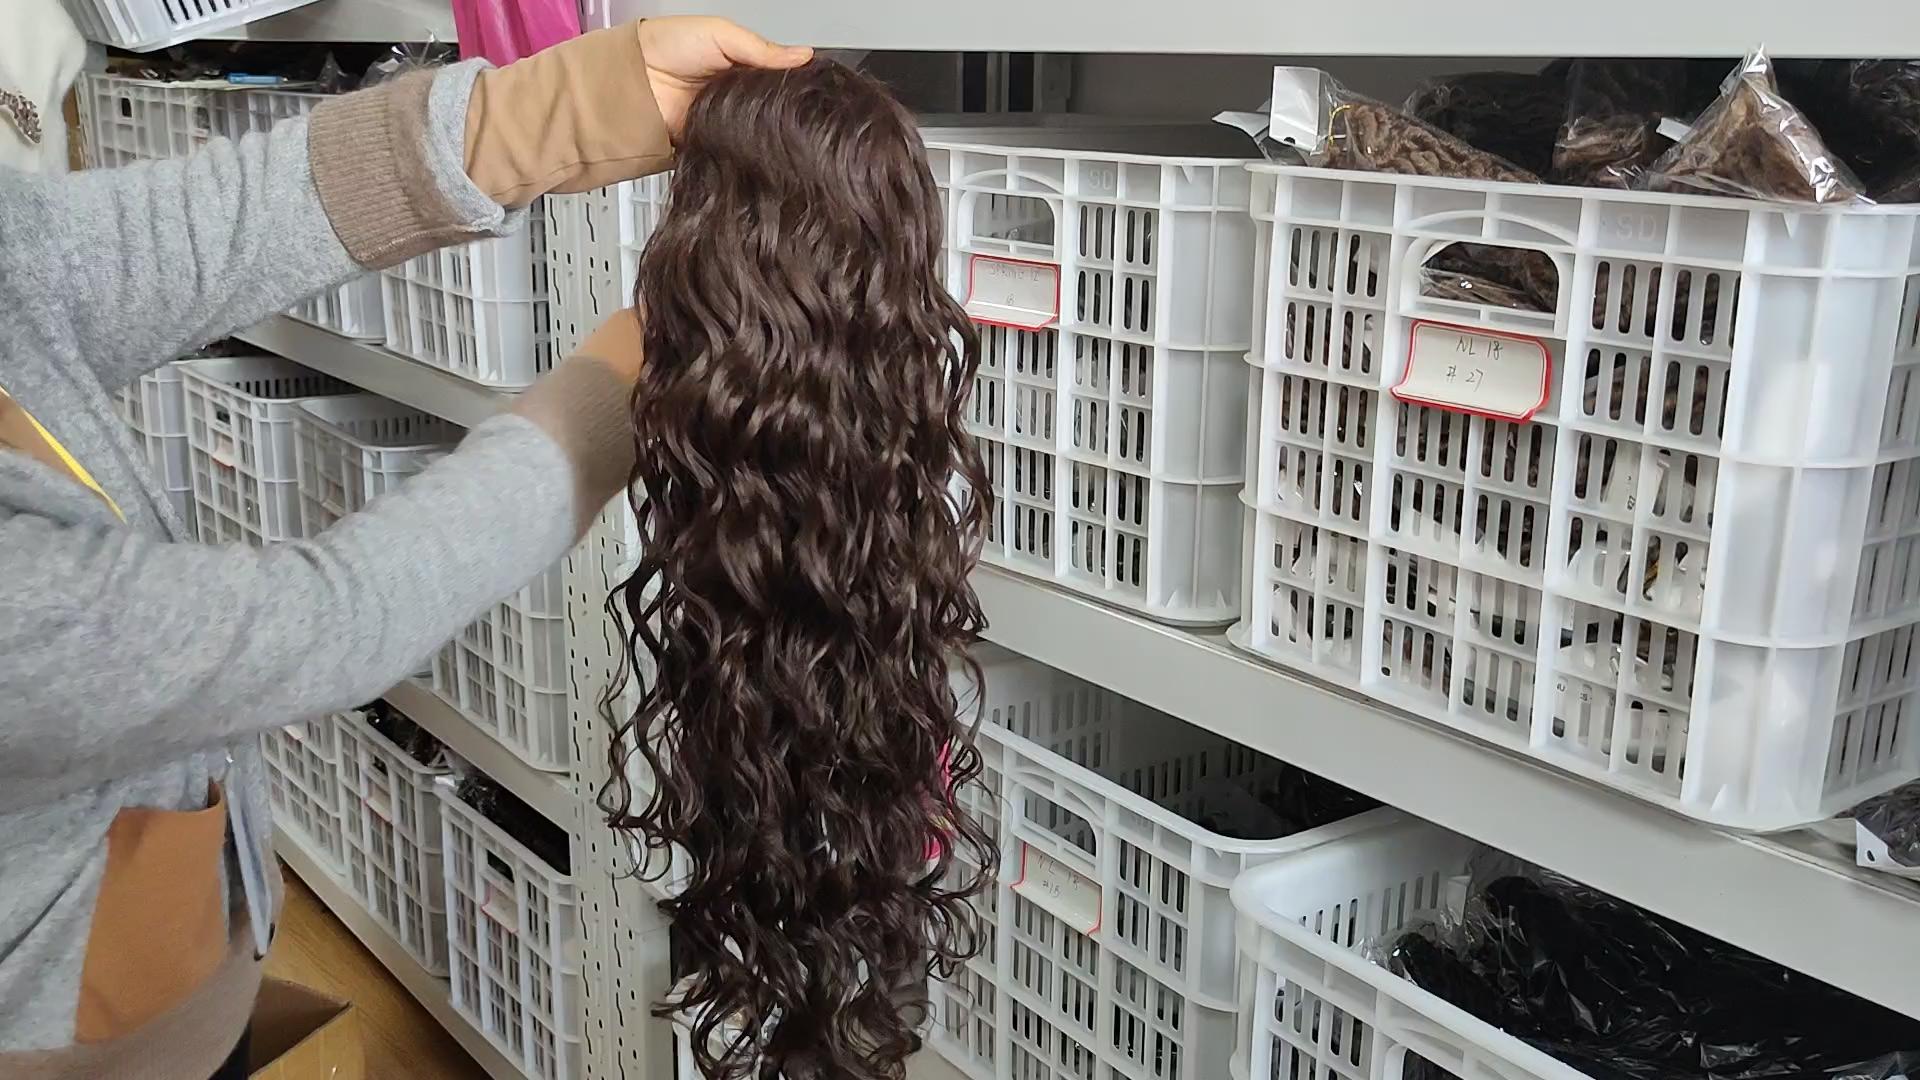 Kiểu Tóc Đuôi Ngựa Lượn Sóng Quăn Dây Kéo Kinky Bao Bì Bọc Xung Quanh Cheveux Afro Chuỗi Trận Hòa Ngay Lập Tức Claw Ponytail Phần Mở Rộng Tóc